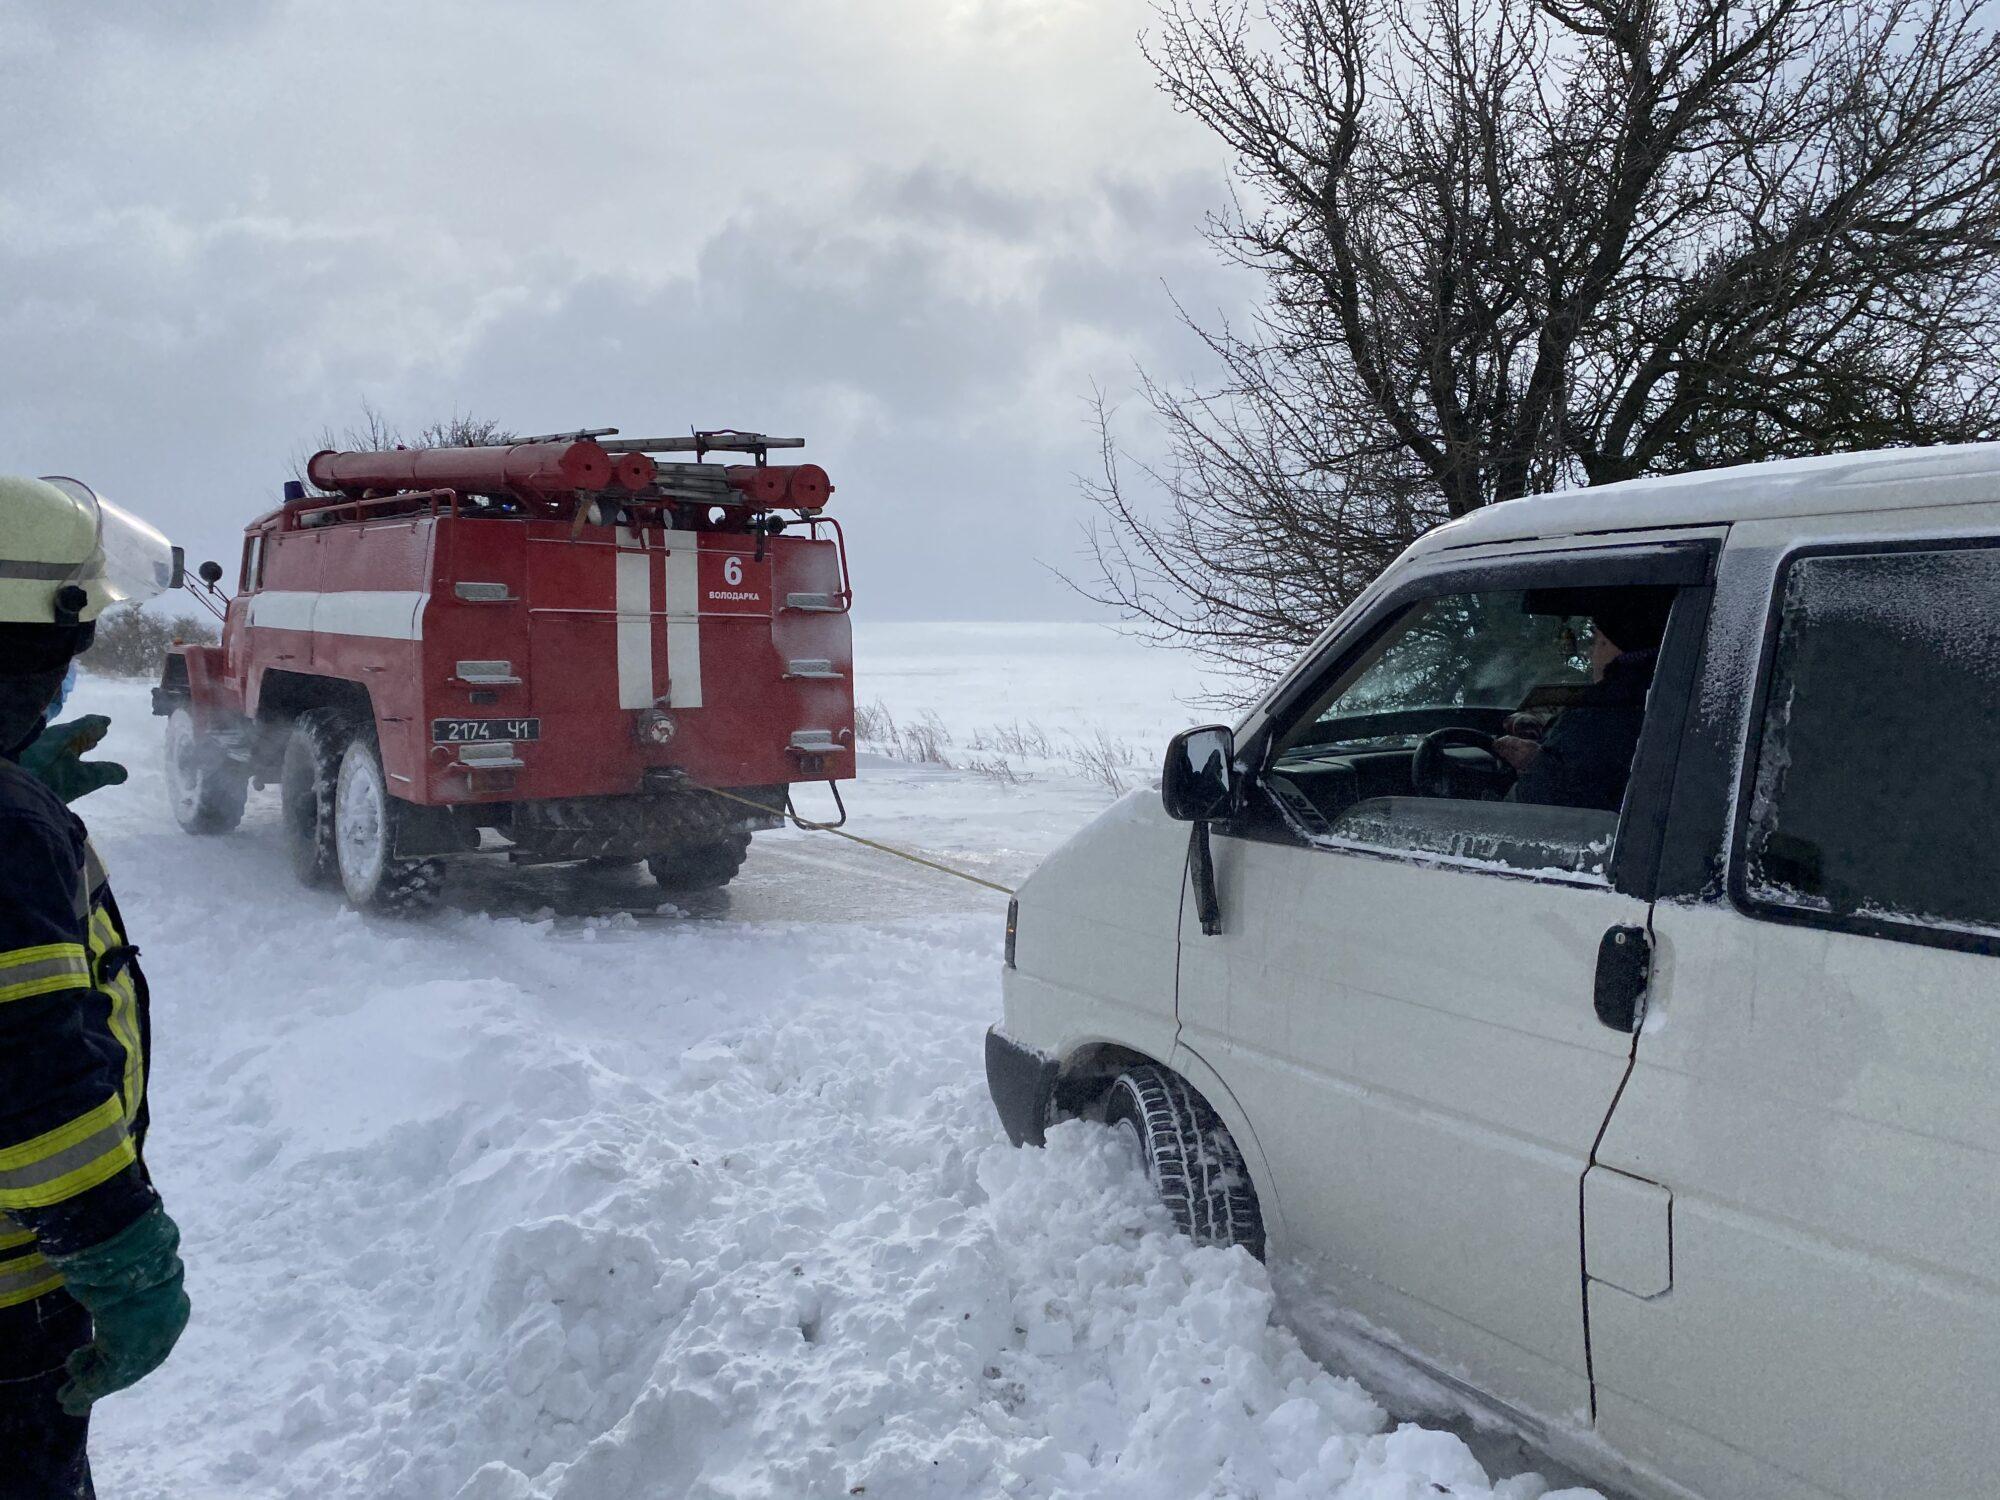 Зі снігового полону на Київщині звільнили 5 авто - сніг, погодні умови, затори на дорогах, Володарський район - 9DA06669 E6F6 41D1 B121 7F92149A290B 2000x1500